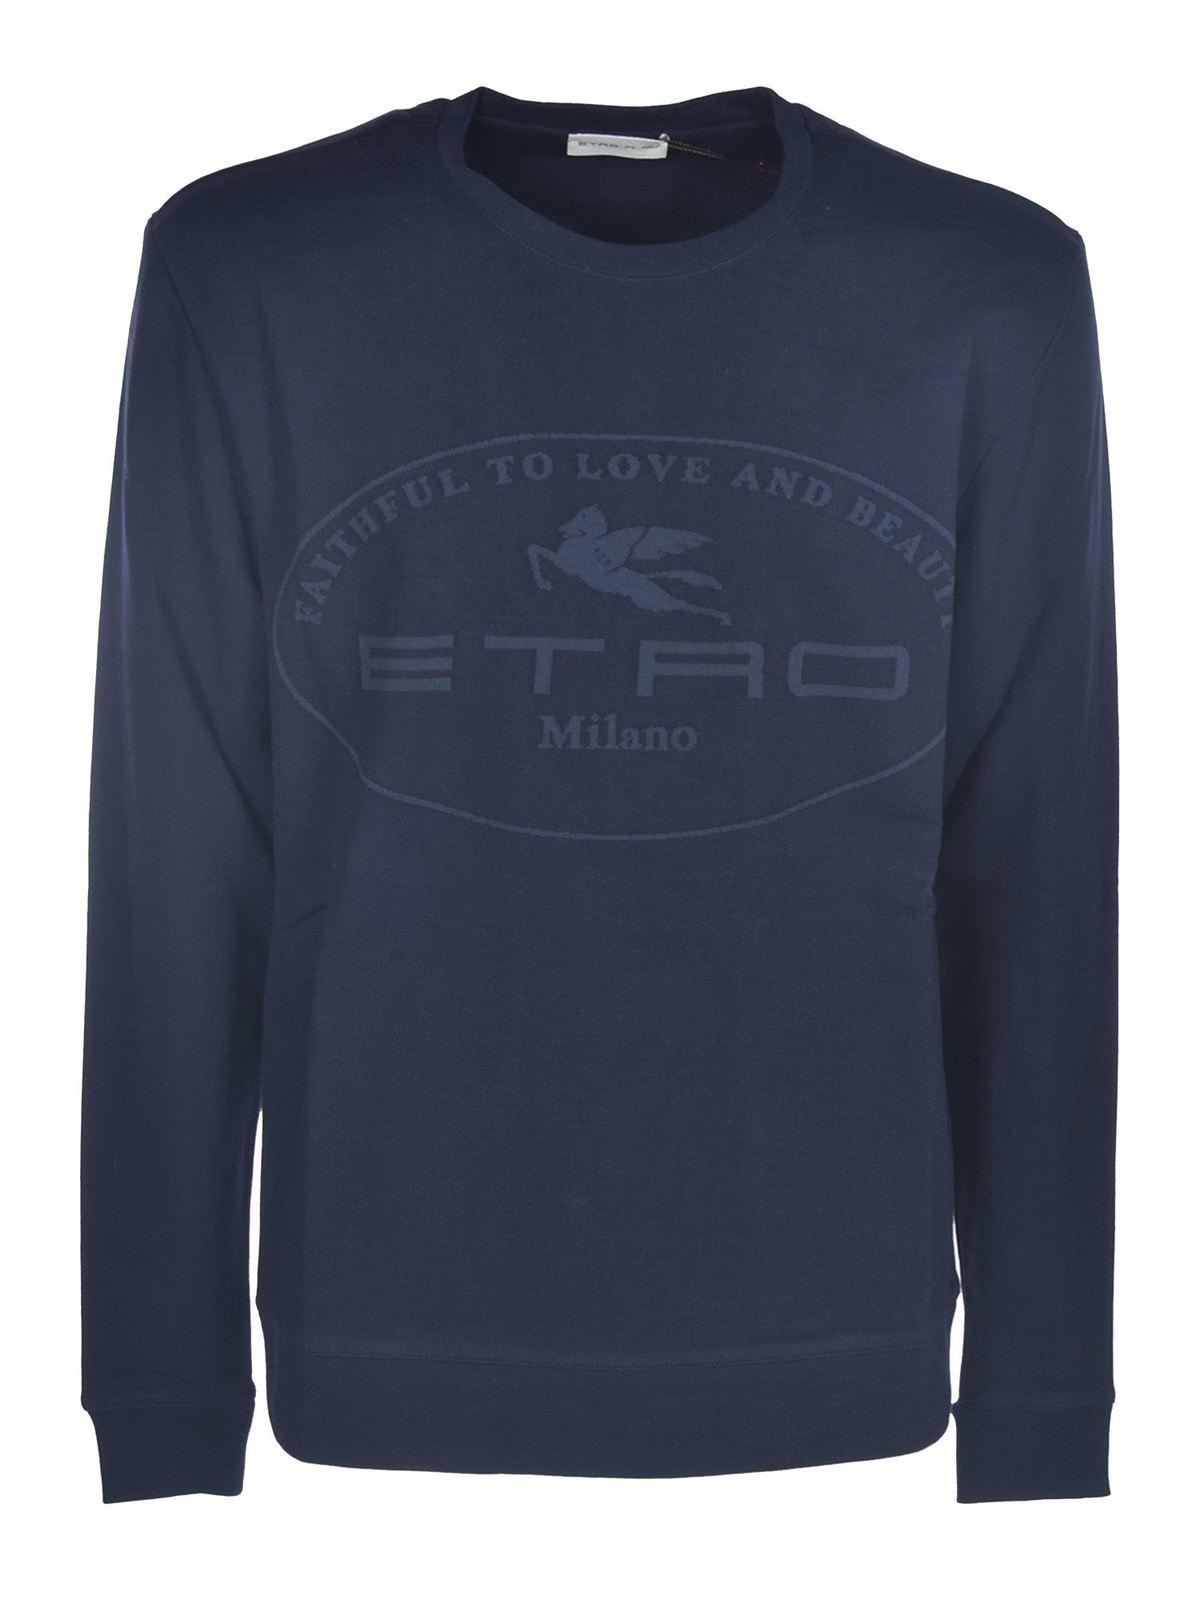 Etro PRINTED SWEATSHIRT IN BLUE